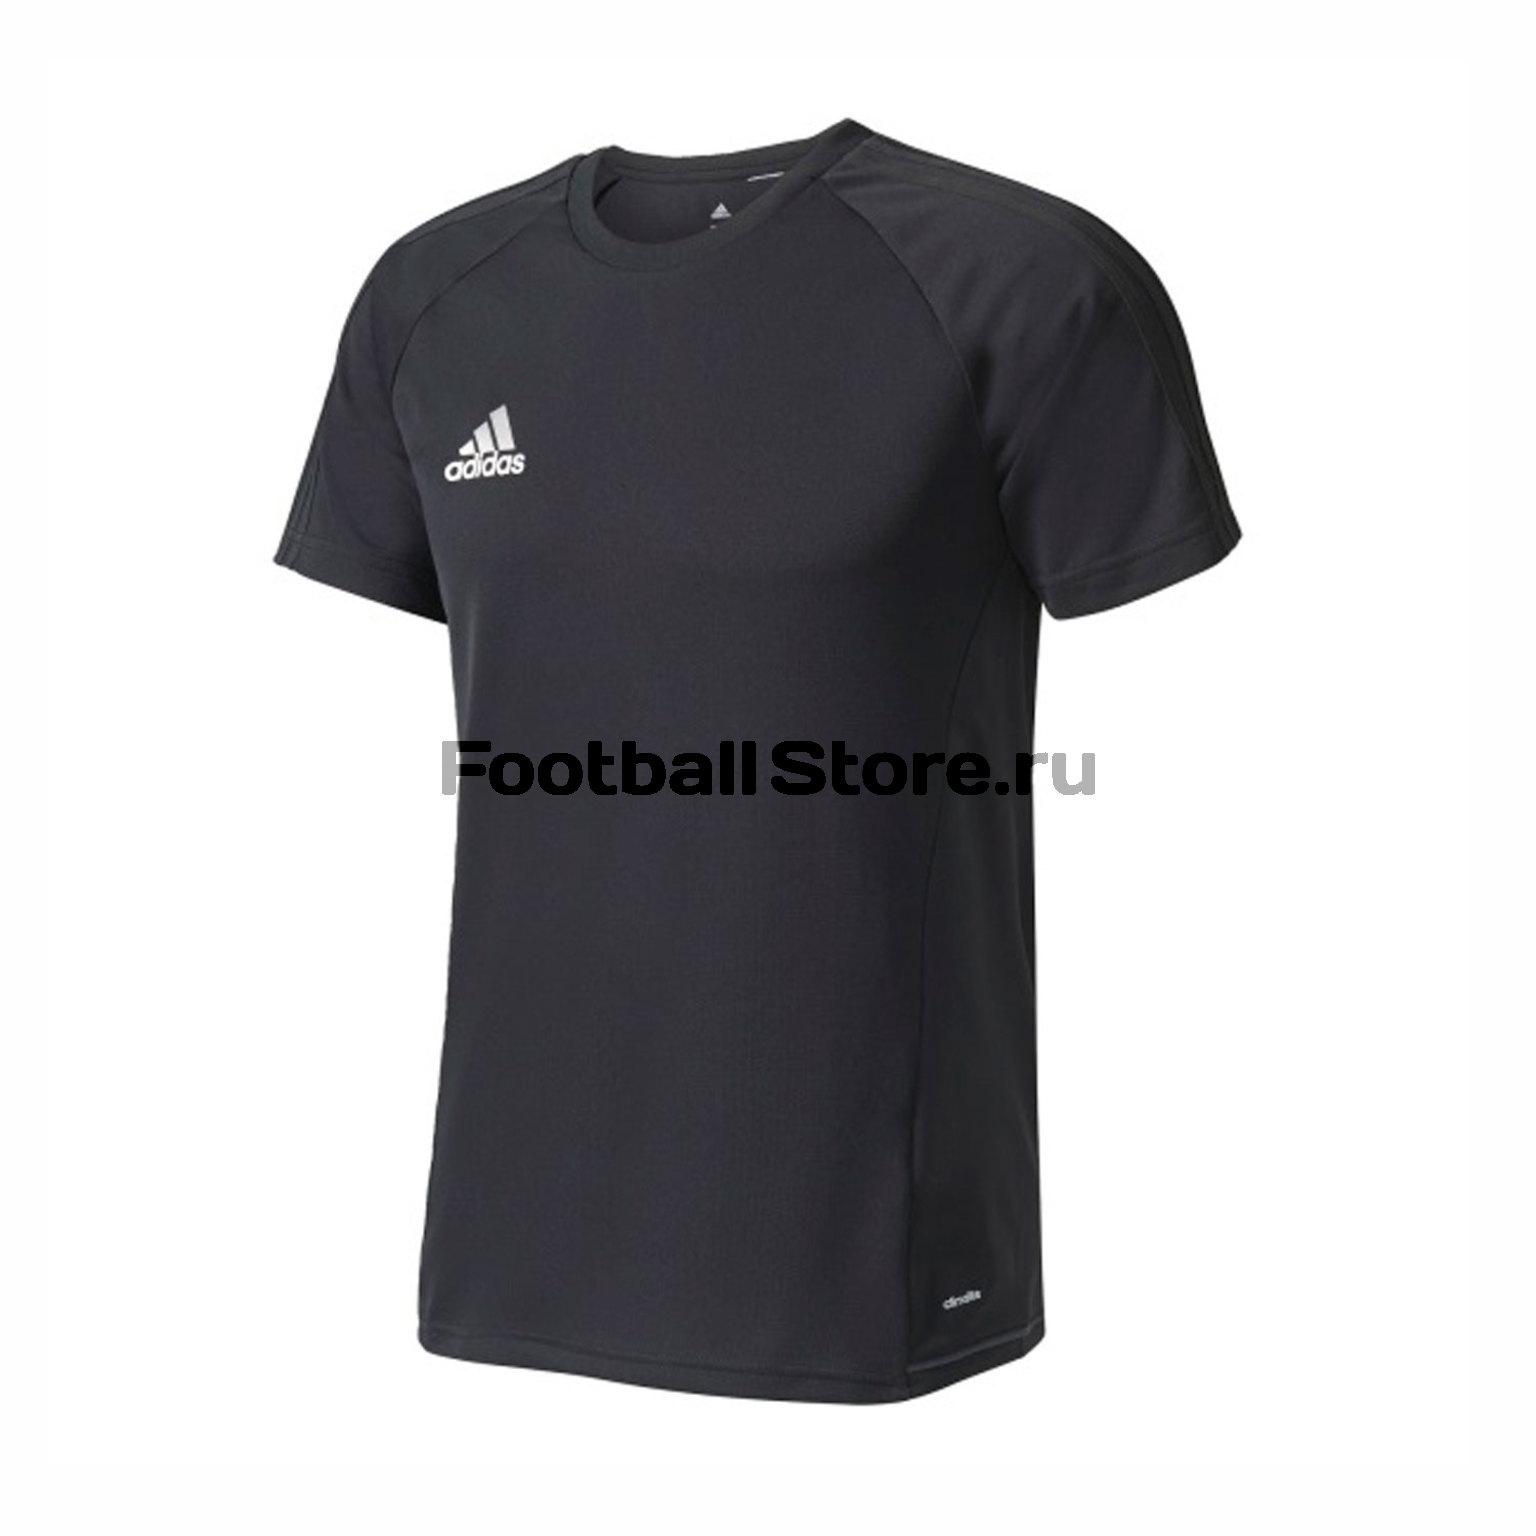 цена на Футболки Adidas Футболка Adidas Tiro 17 CL JSY S98383